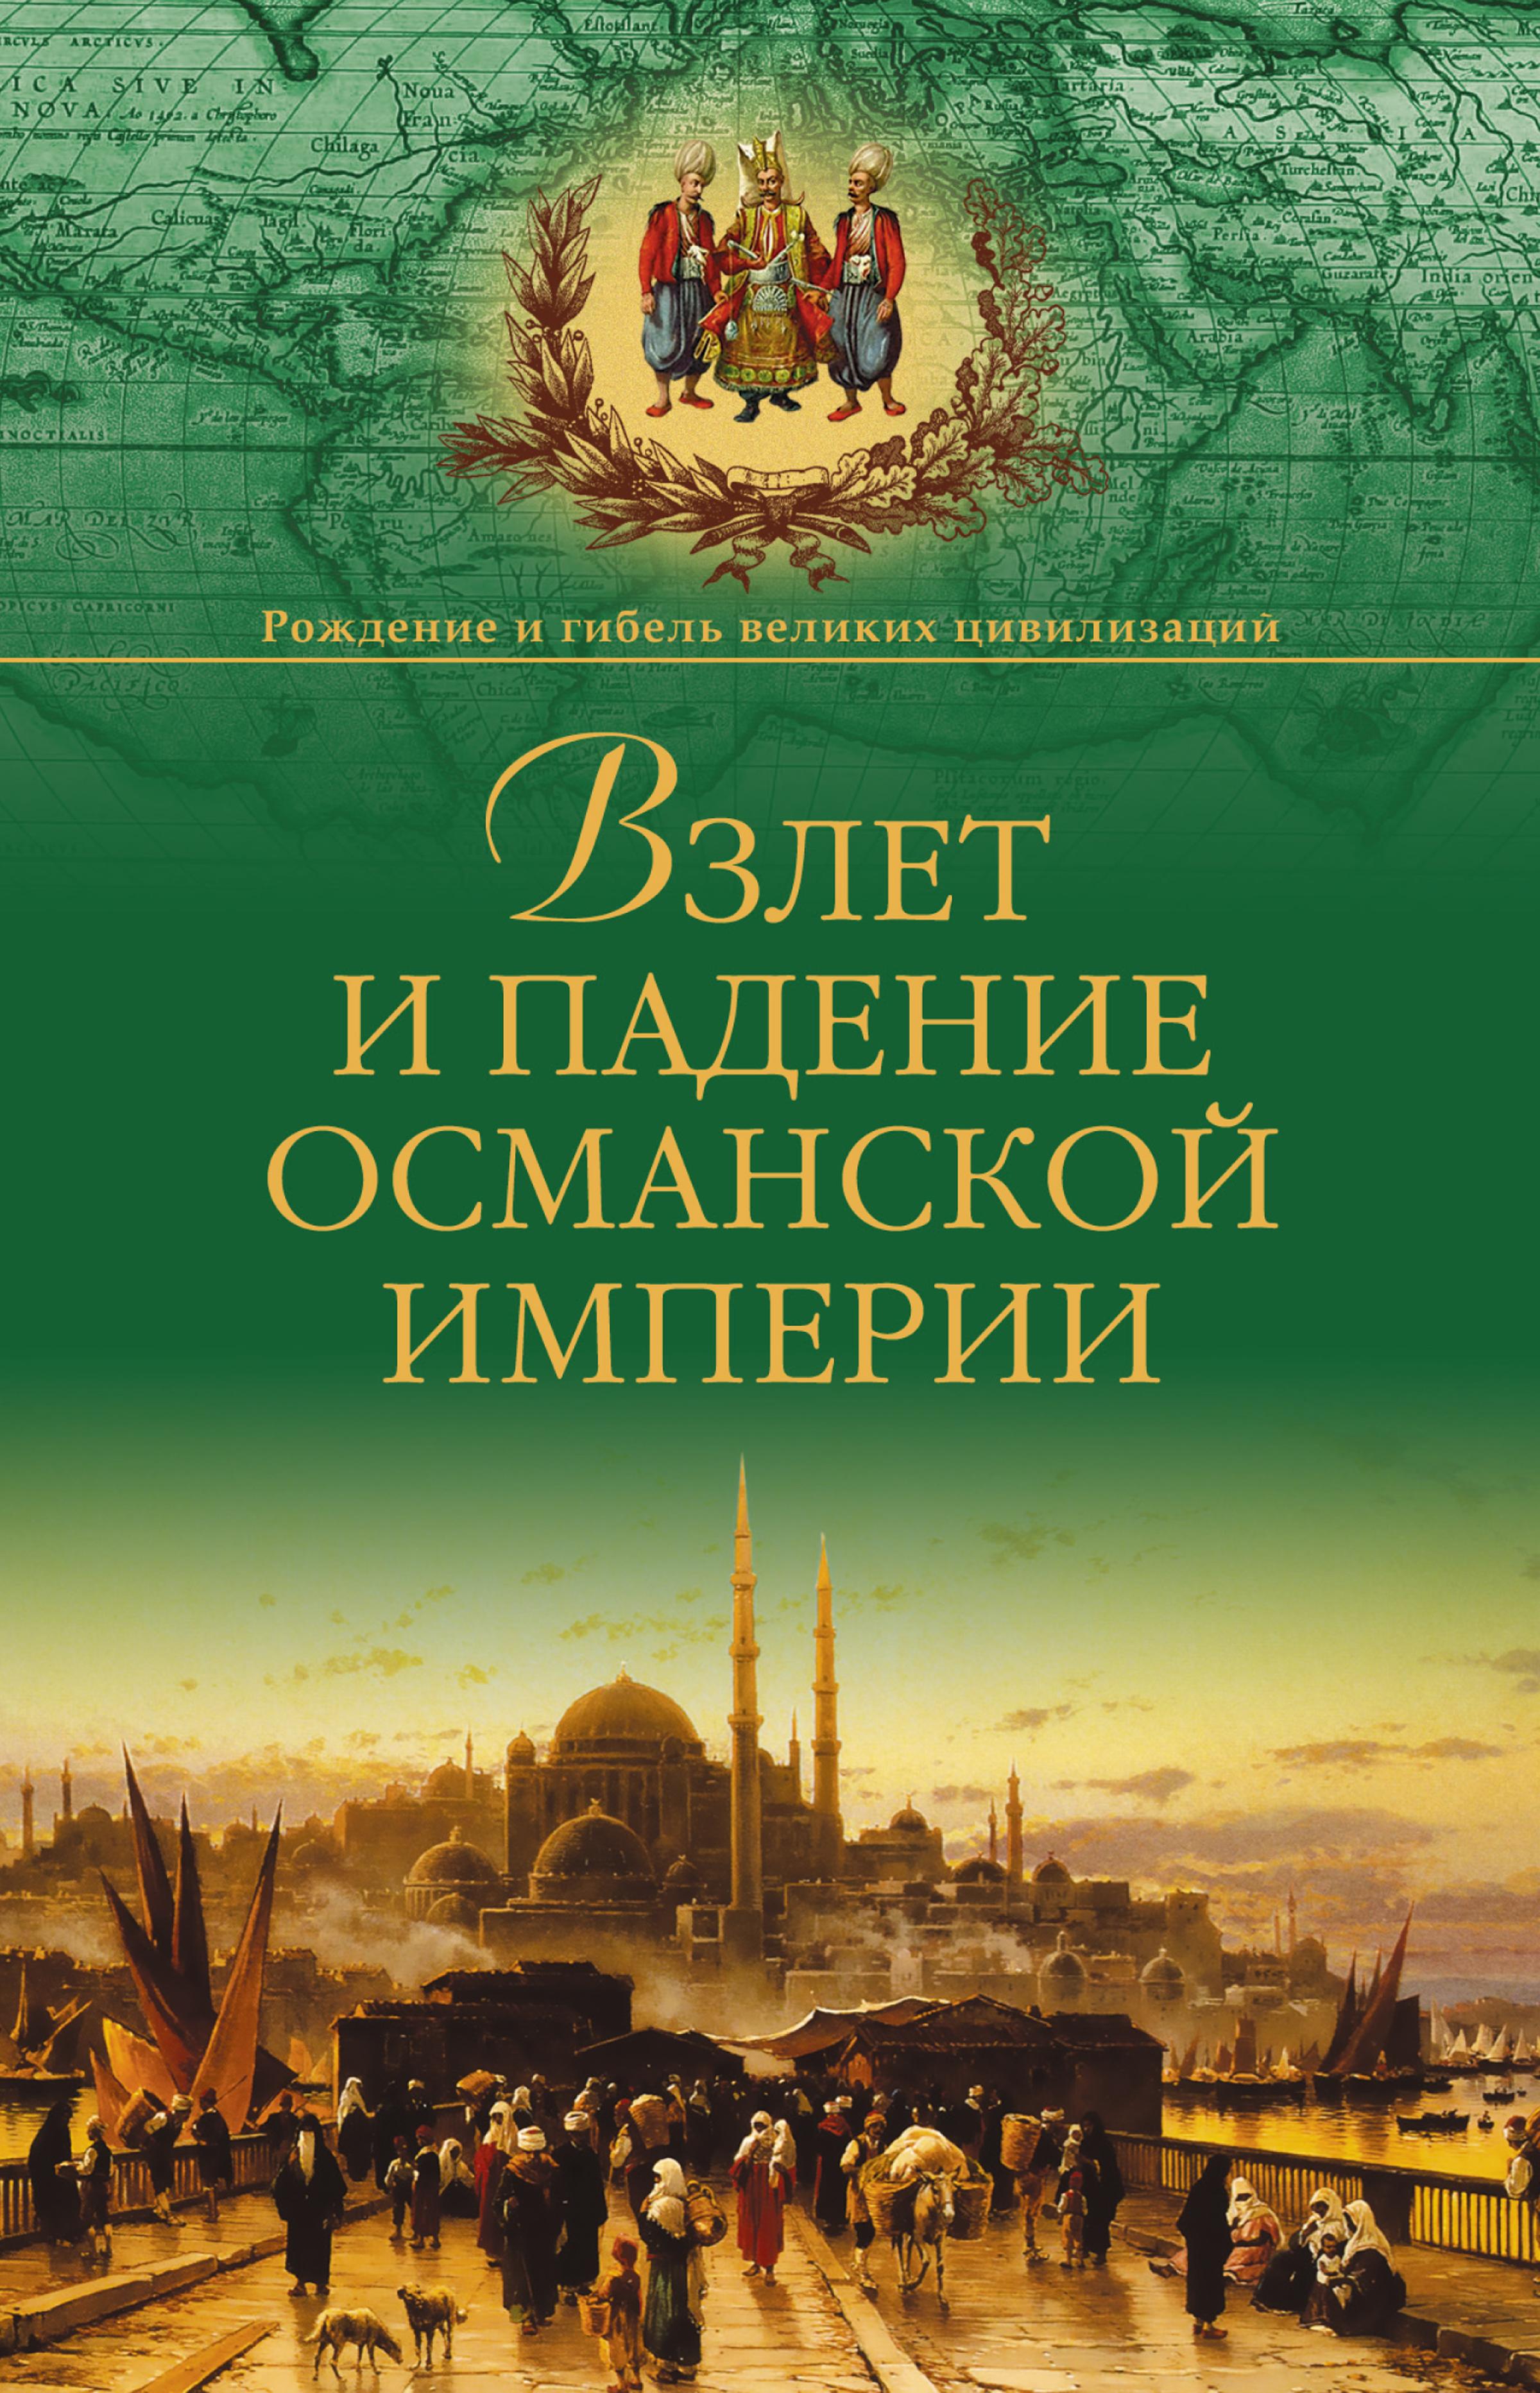 Взлет и падение Османской империи